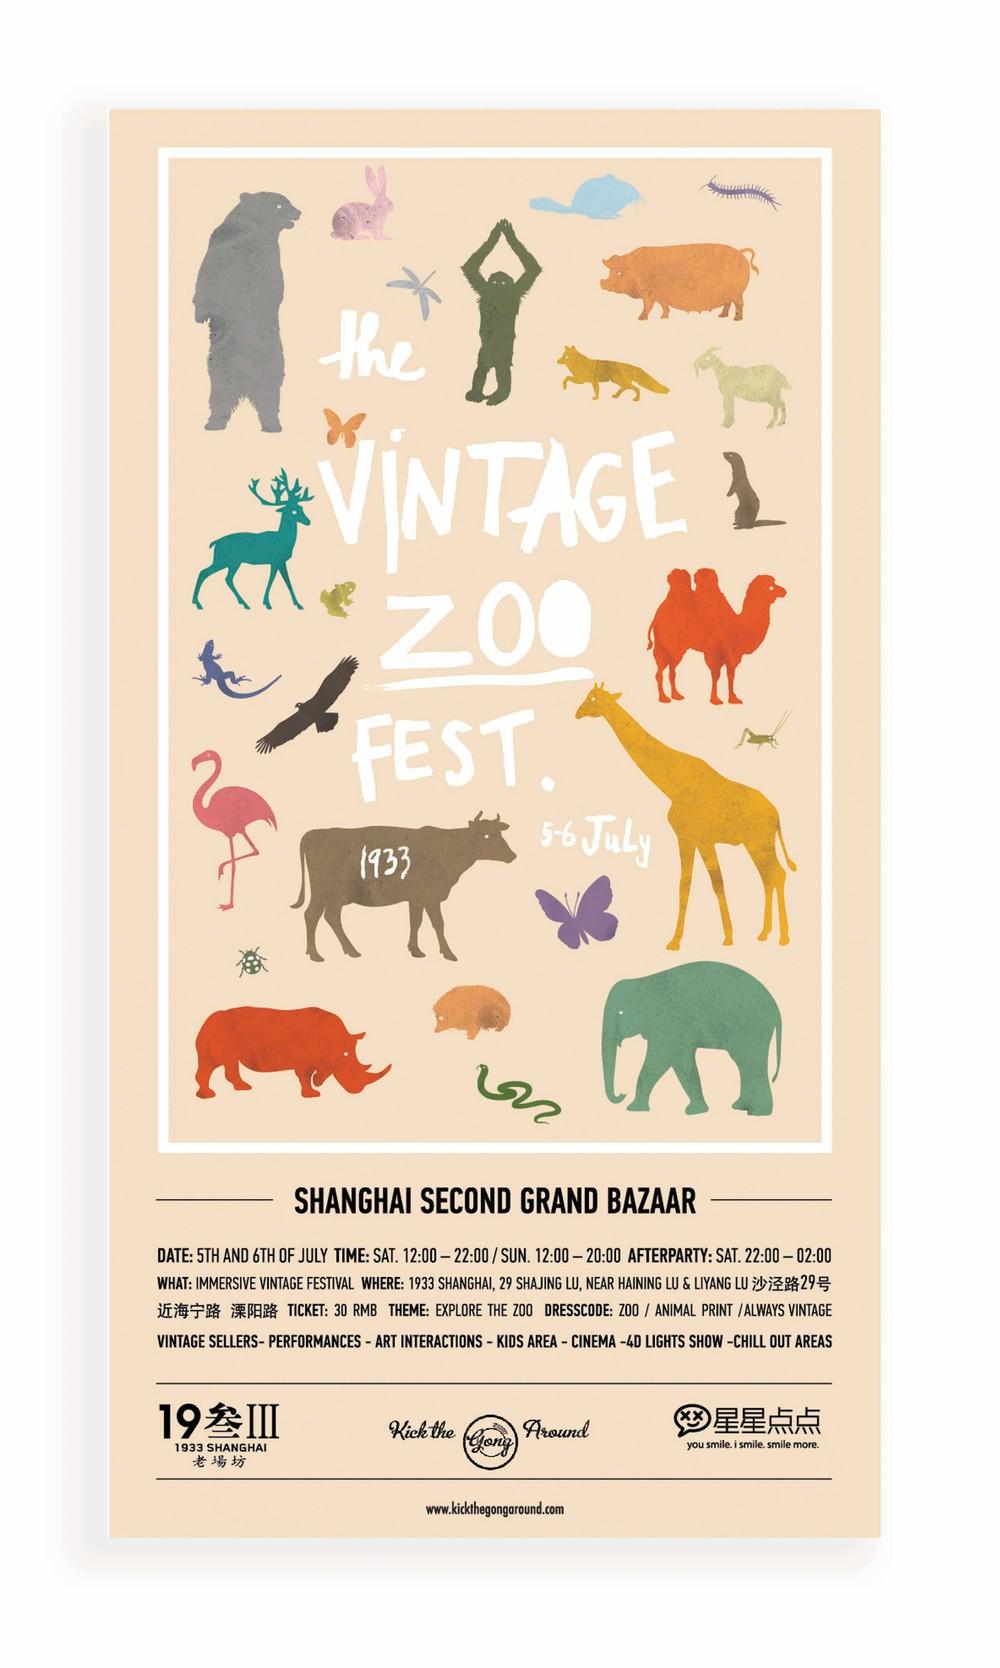 Vintage Zoo Fest